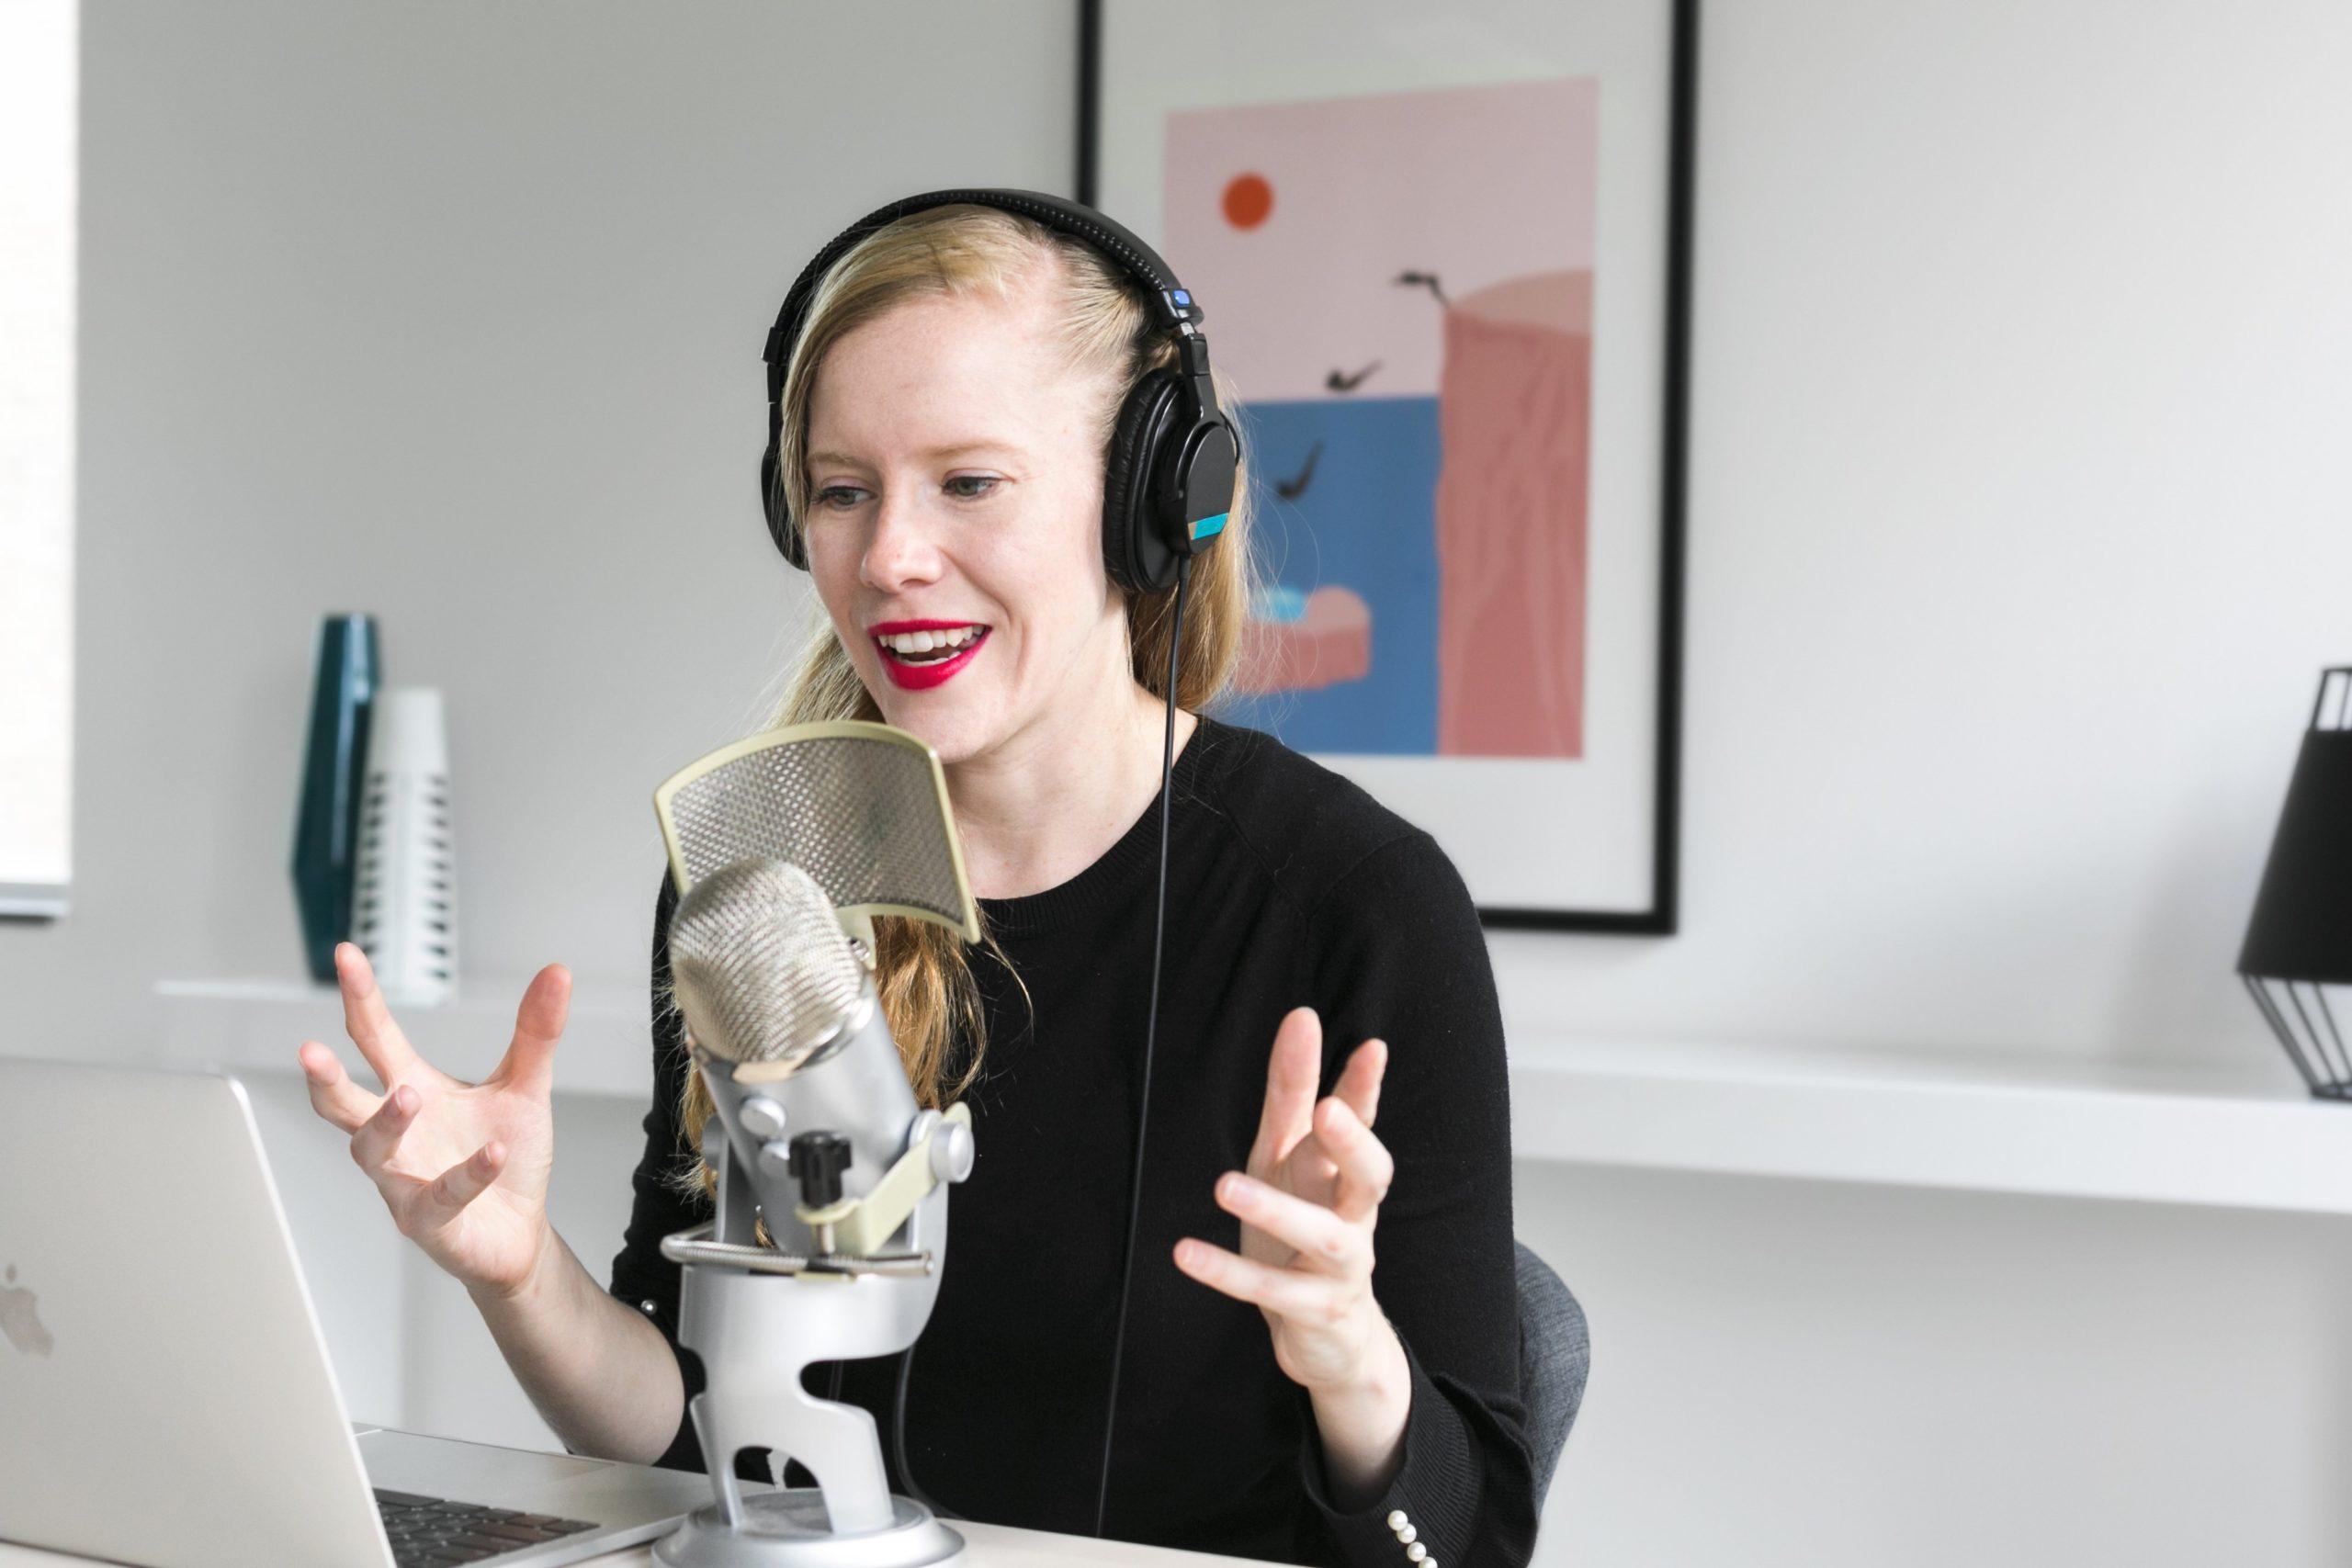 Les Podcasts : une nouvelle façon de communiquer avec vos collaborateurs